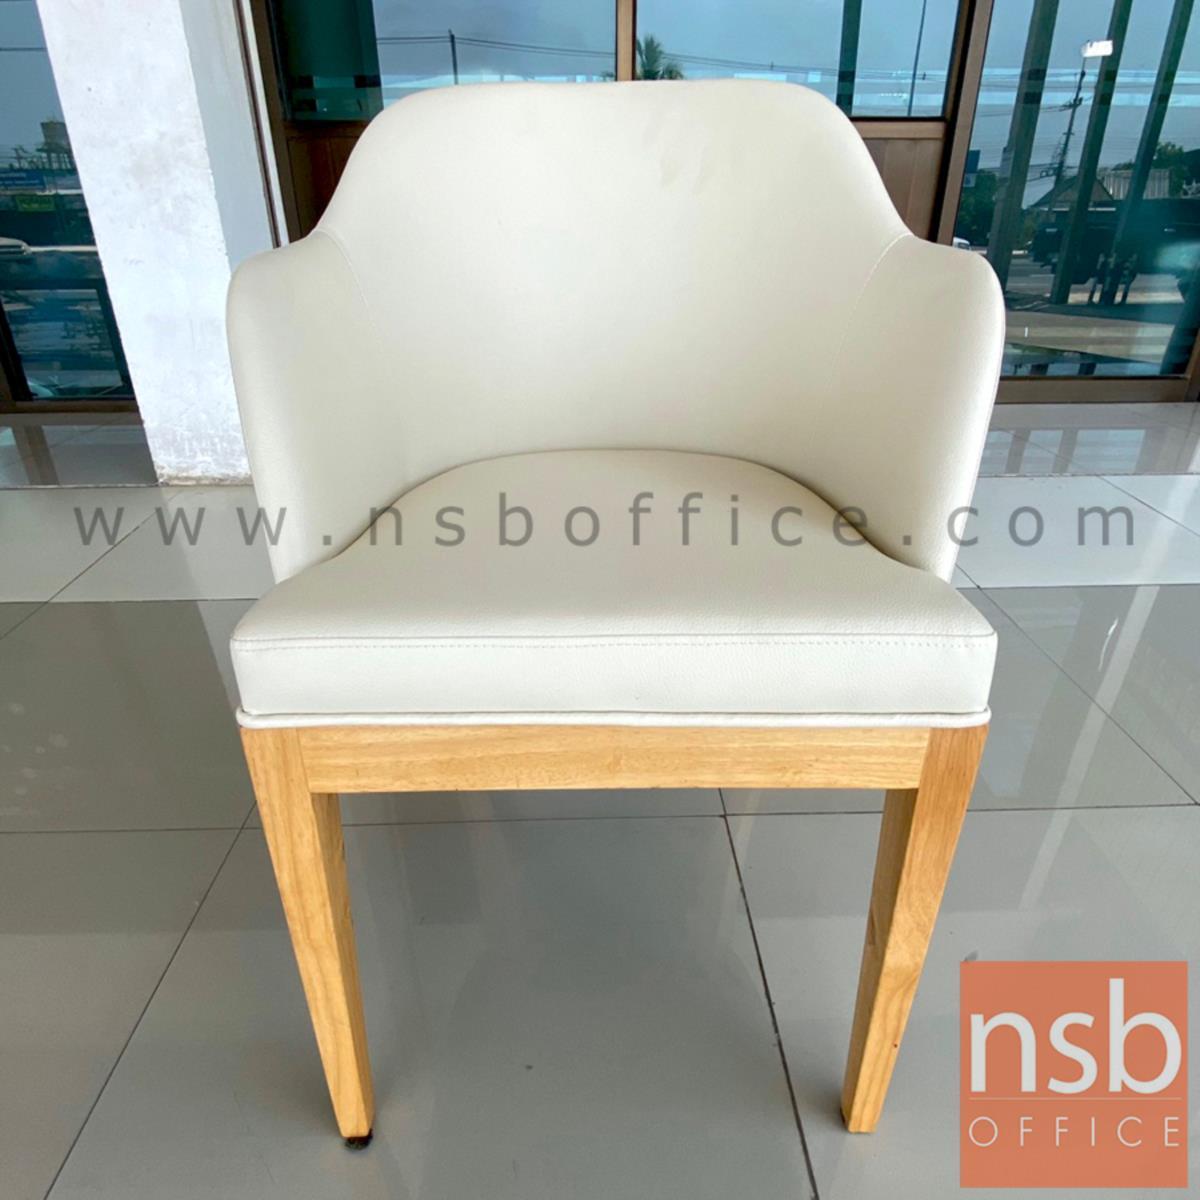 เก้าอี้รับรองหุ้มหนังเทียม Tango-small ขาไม้ยางตรง